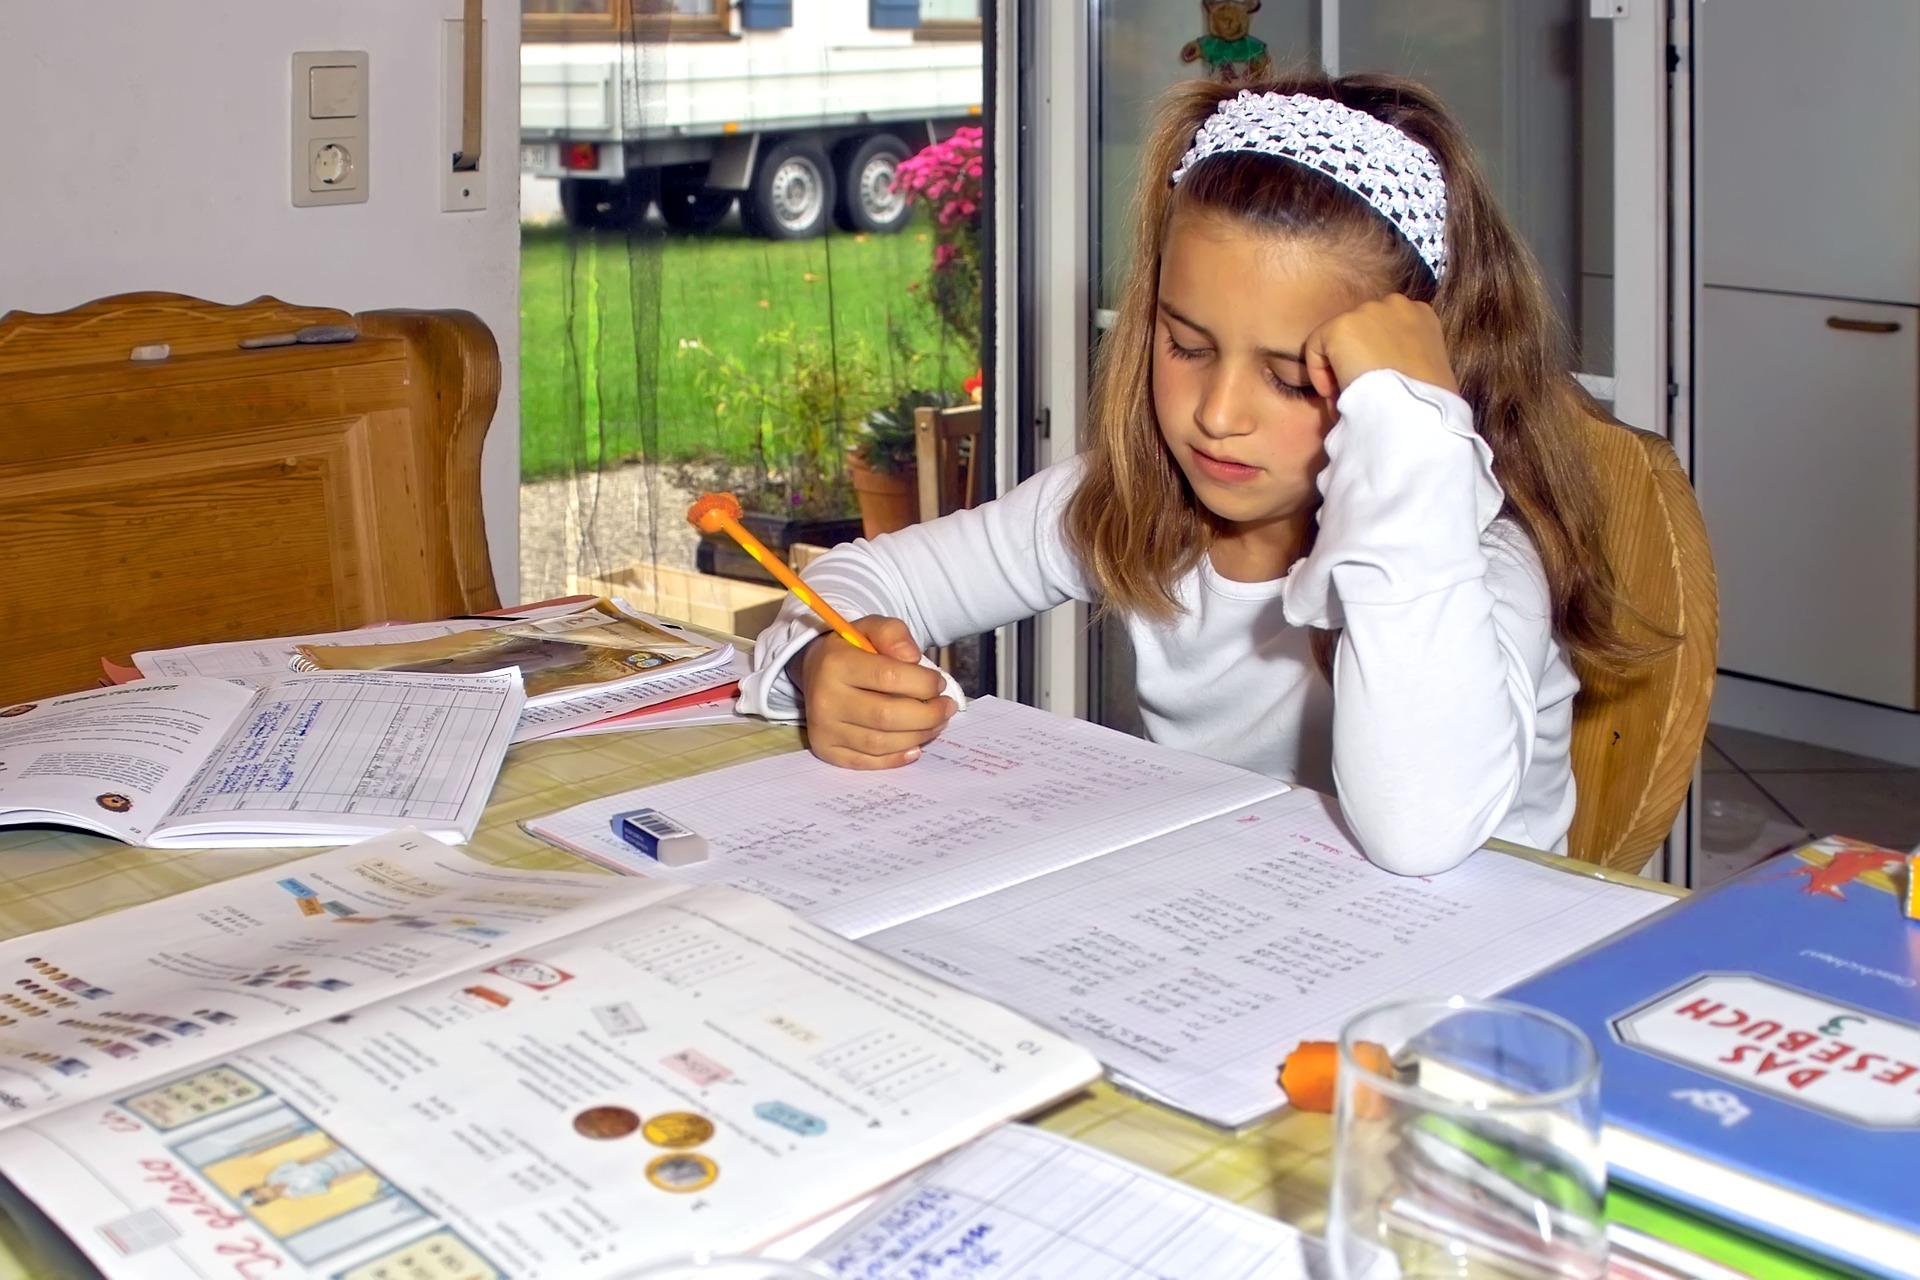 Szkoły zamknięte, ale zadania domowe sypią się lawinowo. Kto ma je odrabiać? Dzieci czy rodzice?